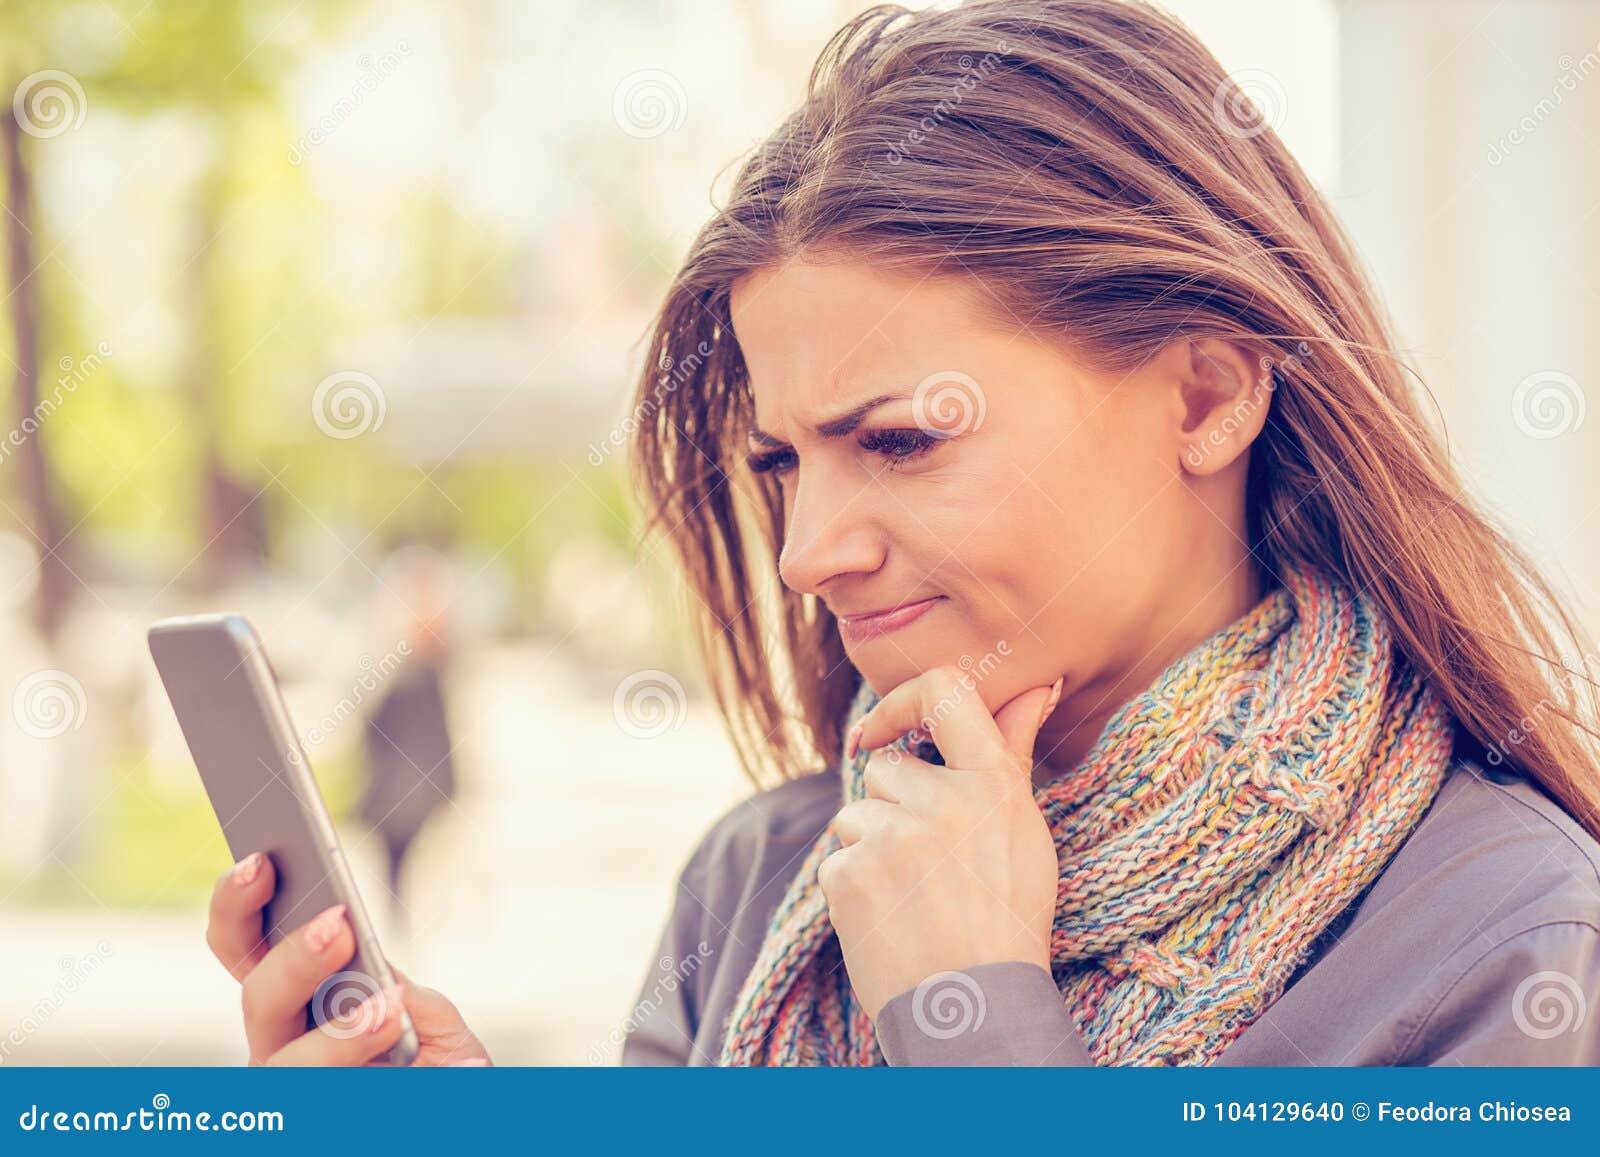 El retrato del primer triste, escéptico, infeliz, mujer que mandaba un SMS en el teléfono descontentado con la conversación aisló